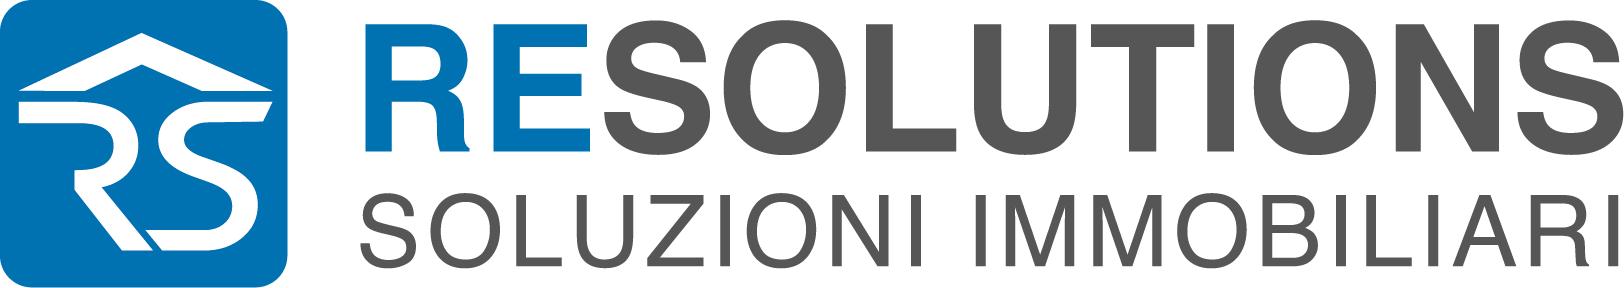 Soluzioni Immobiliari Re-Solutions